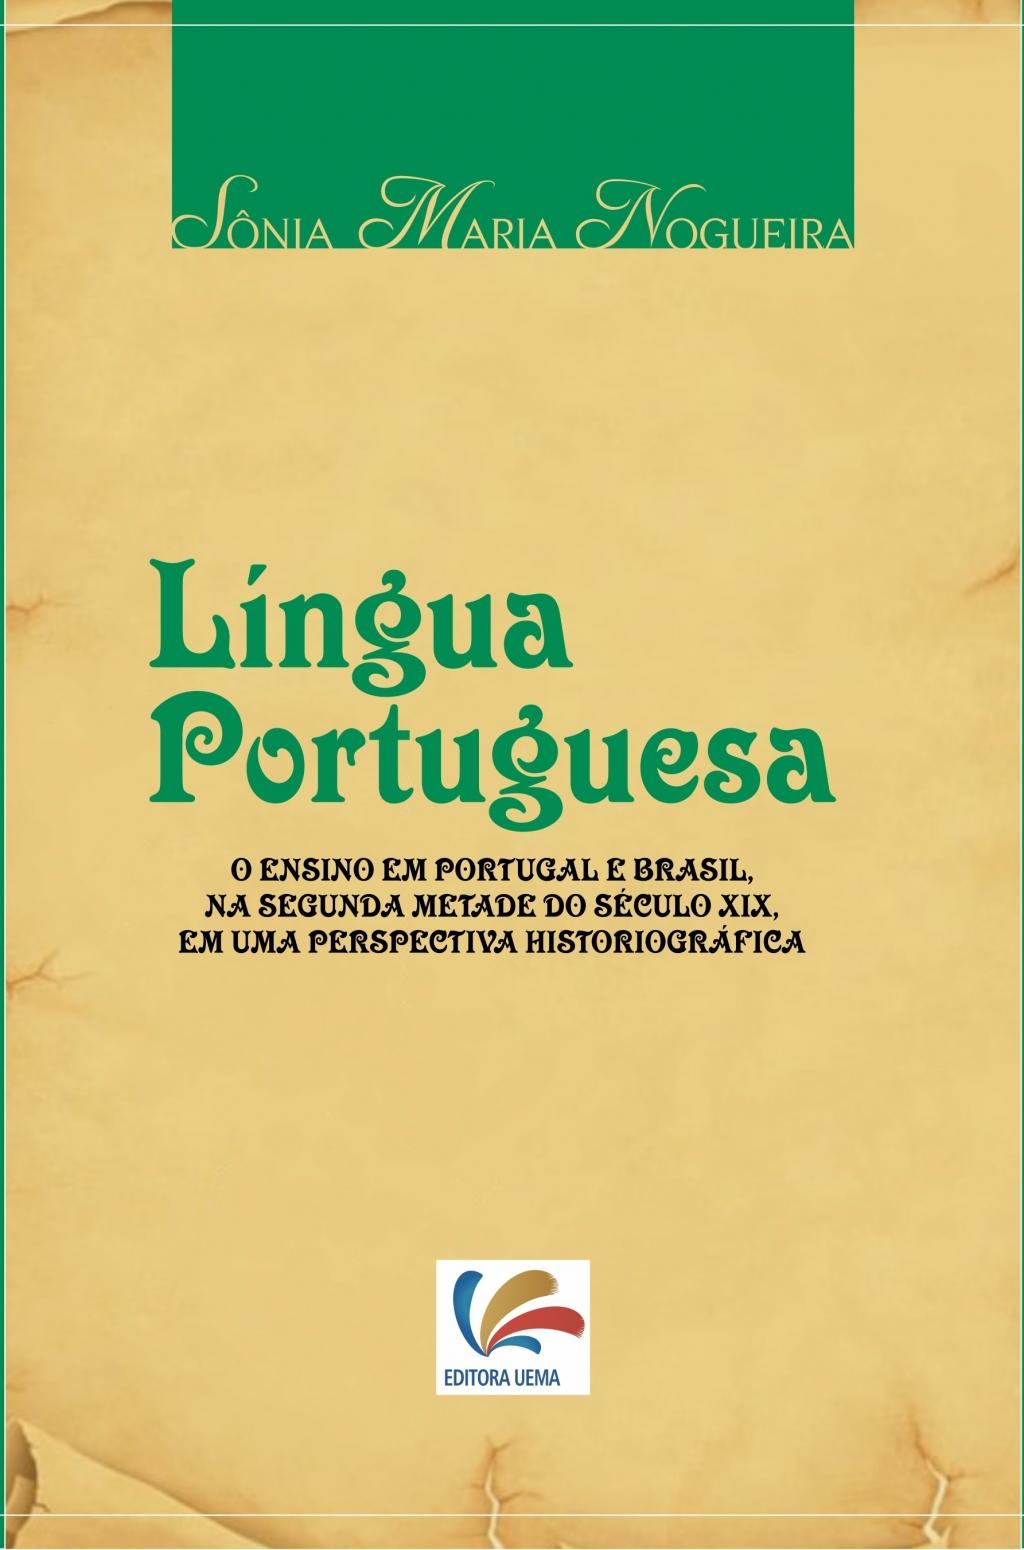 Língua Portuguesa: ensino em Portugal e no Brasil, na segunda metade do século XIX, em uma perspectiva historiográfica (DISPONÍVEL PARA DOWNLOAD)